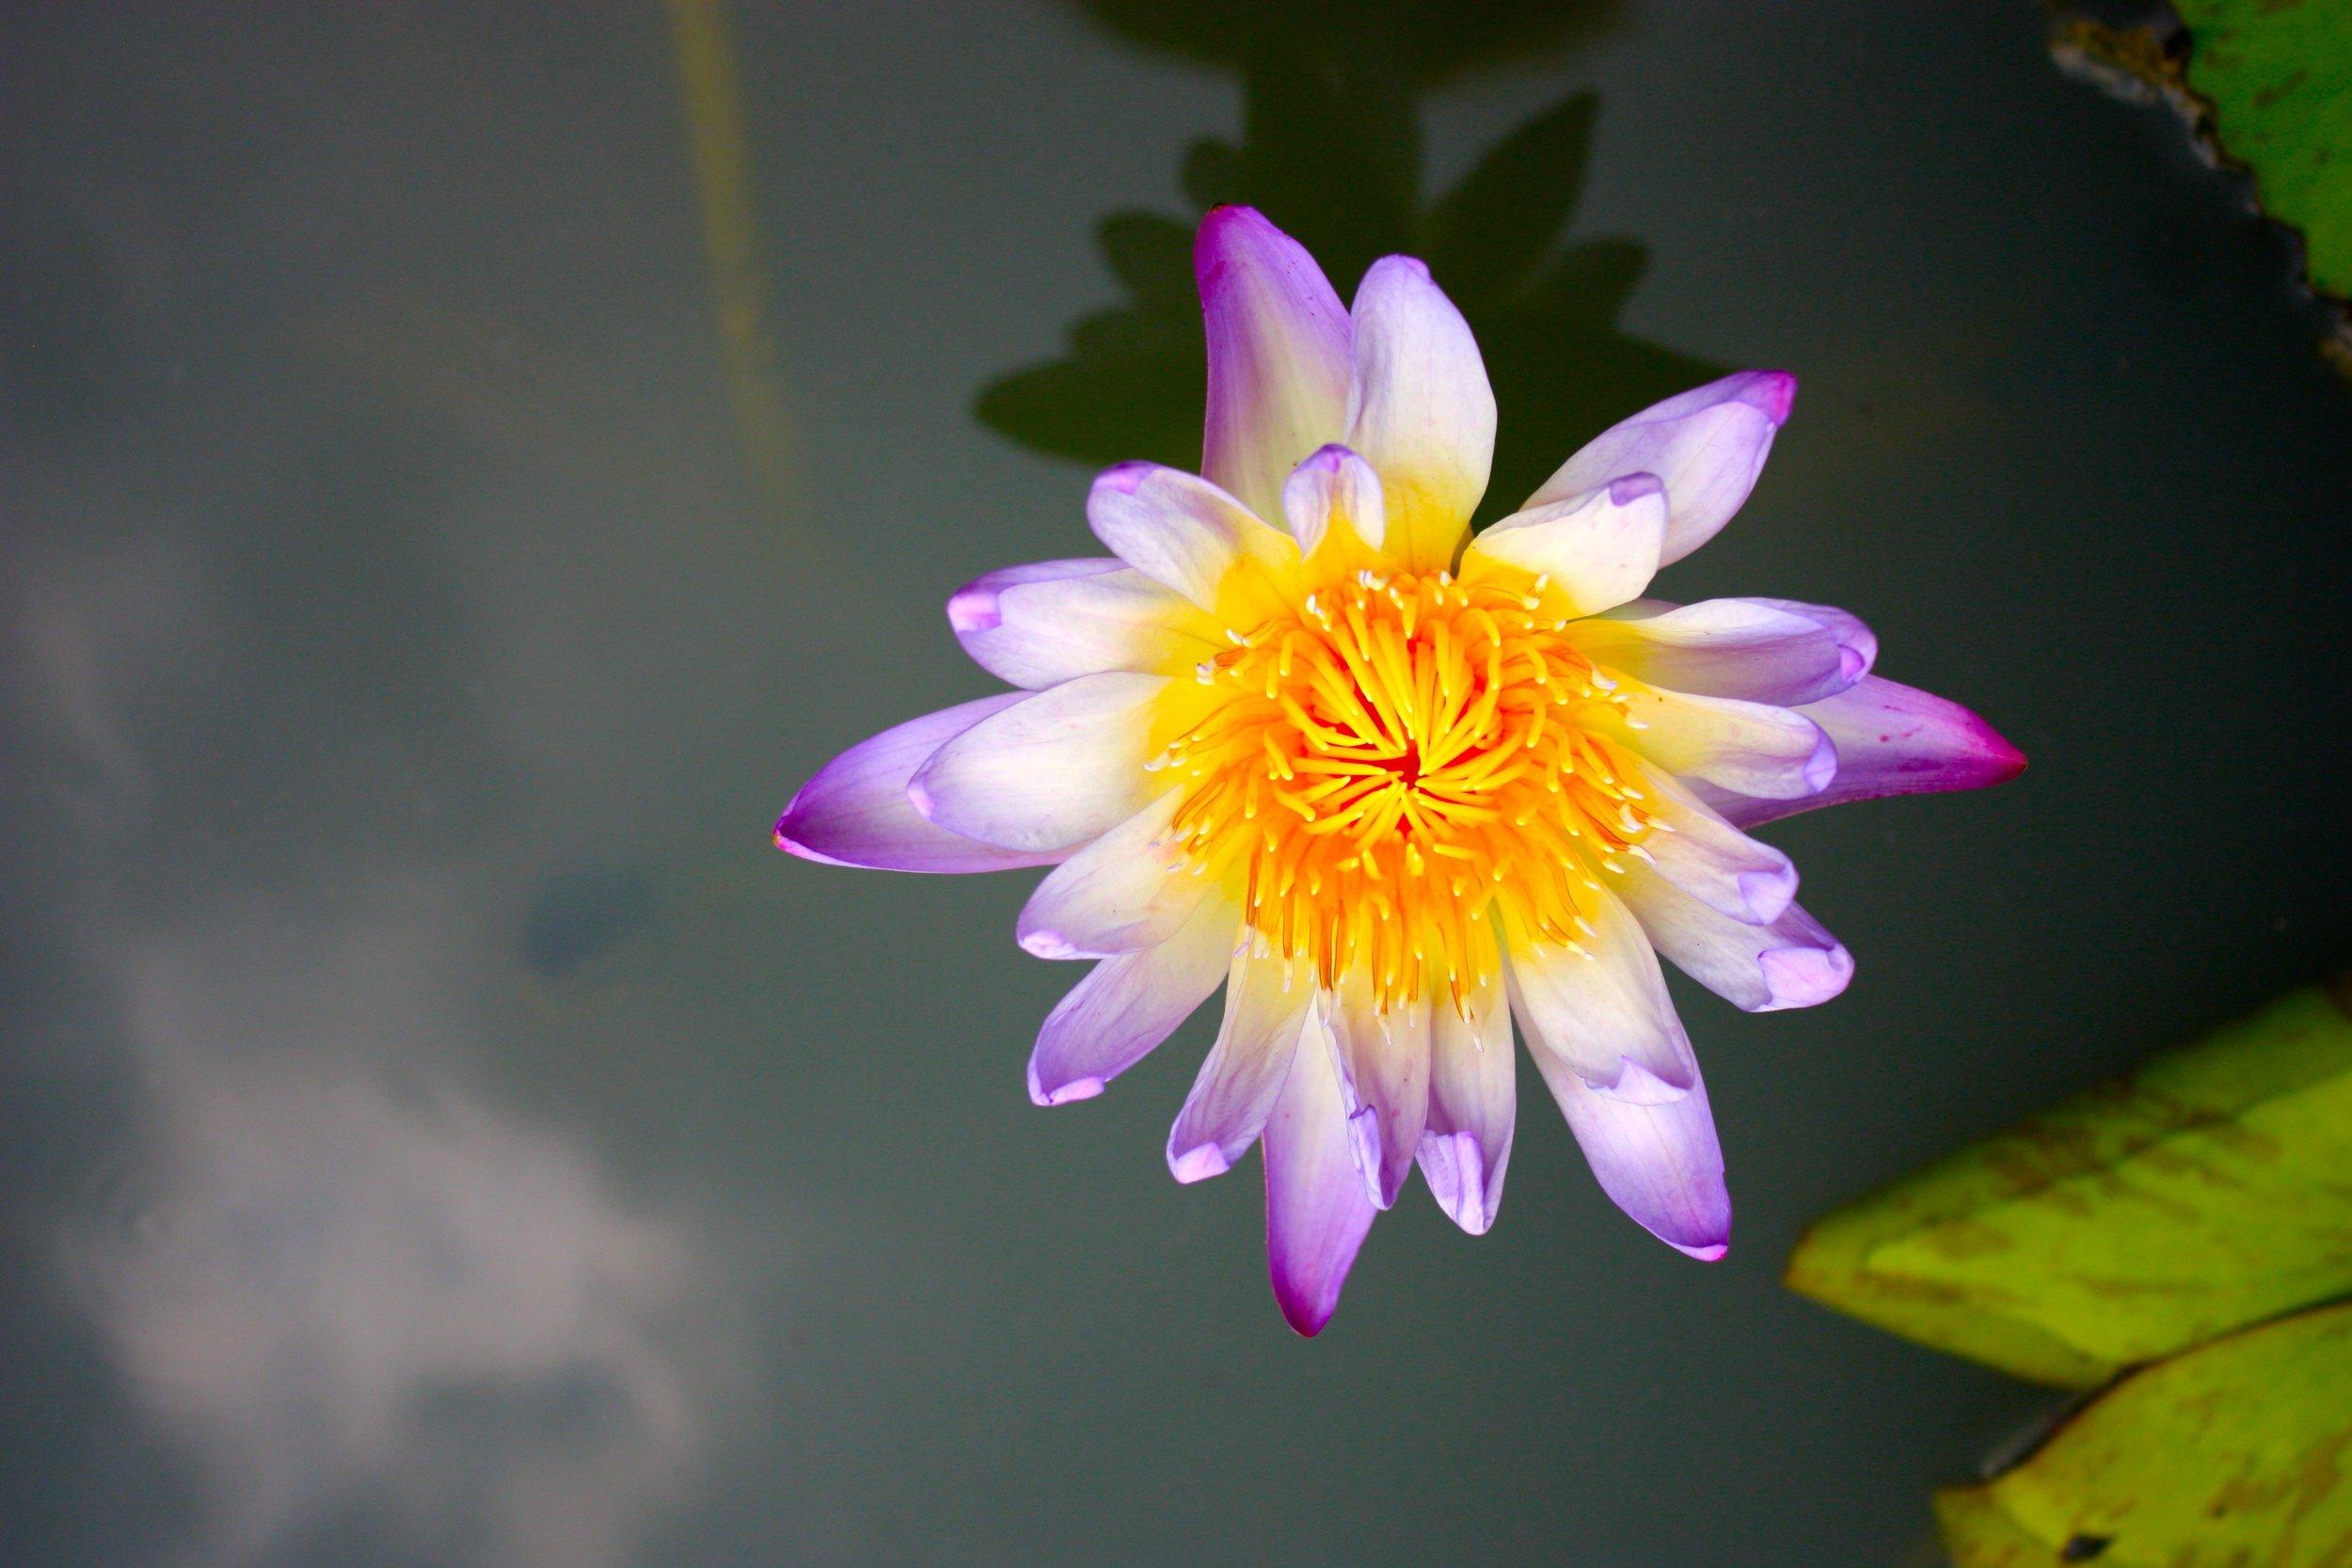 lotusbkk.jpg